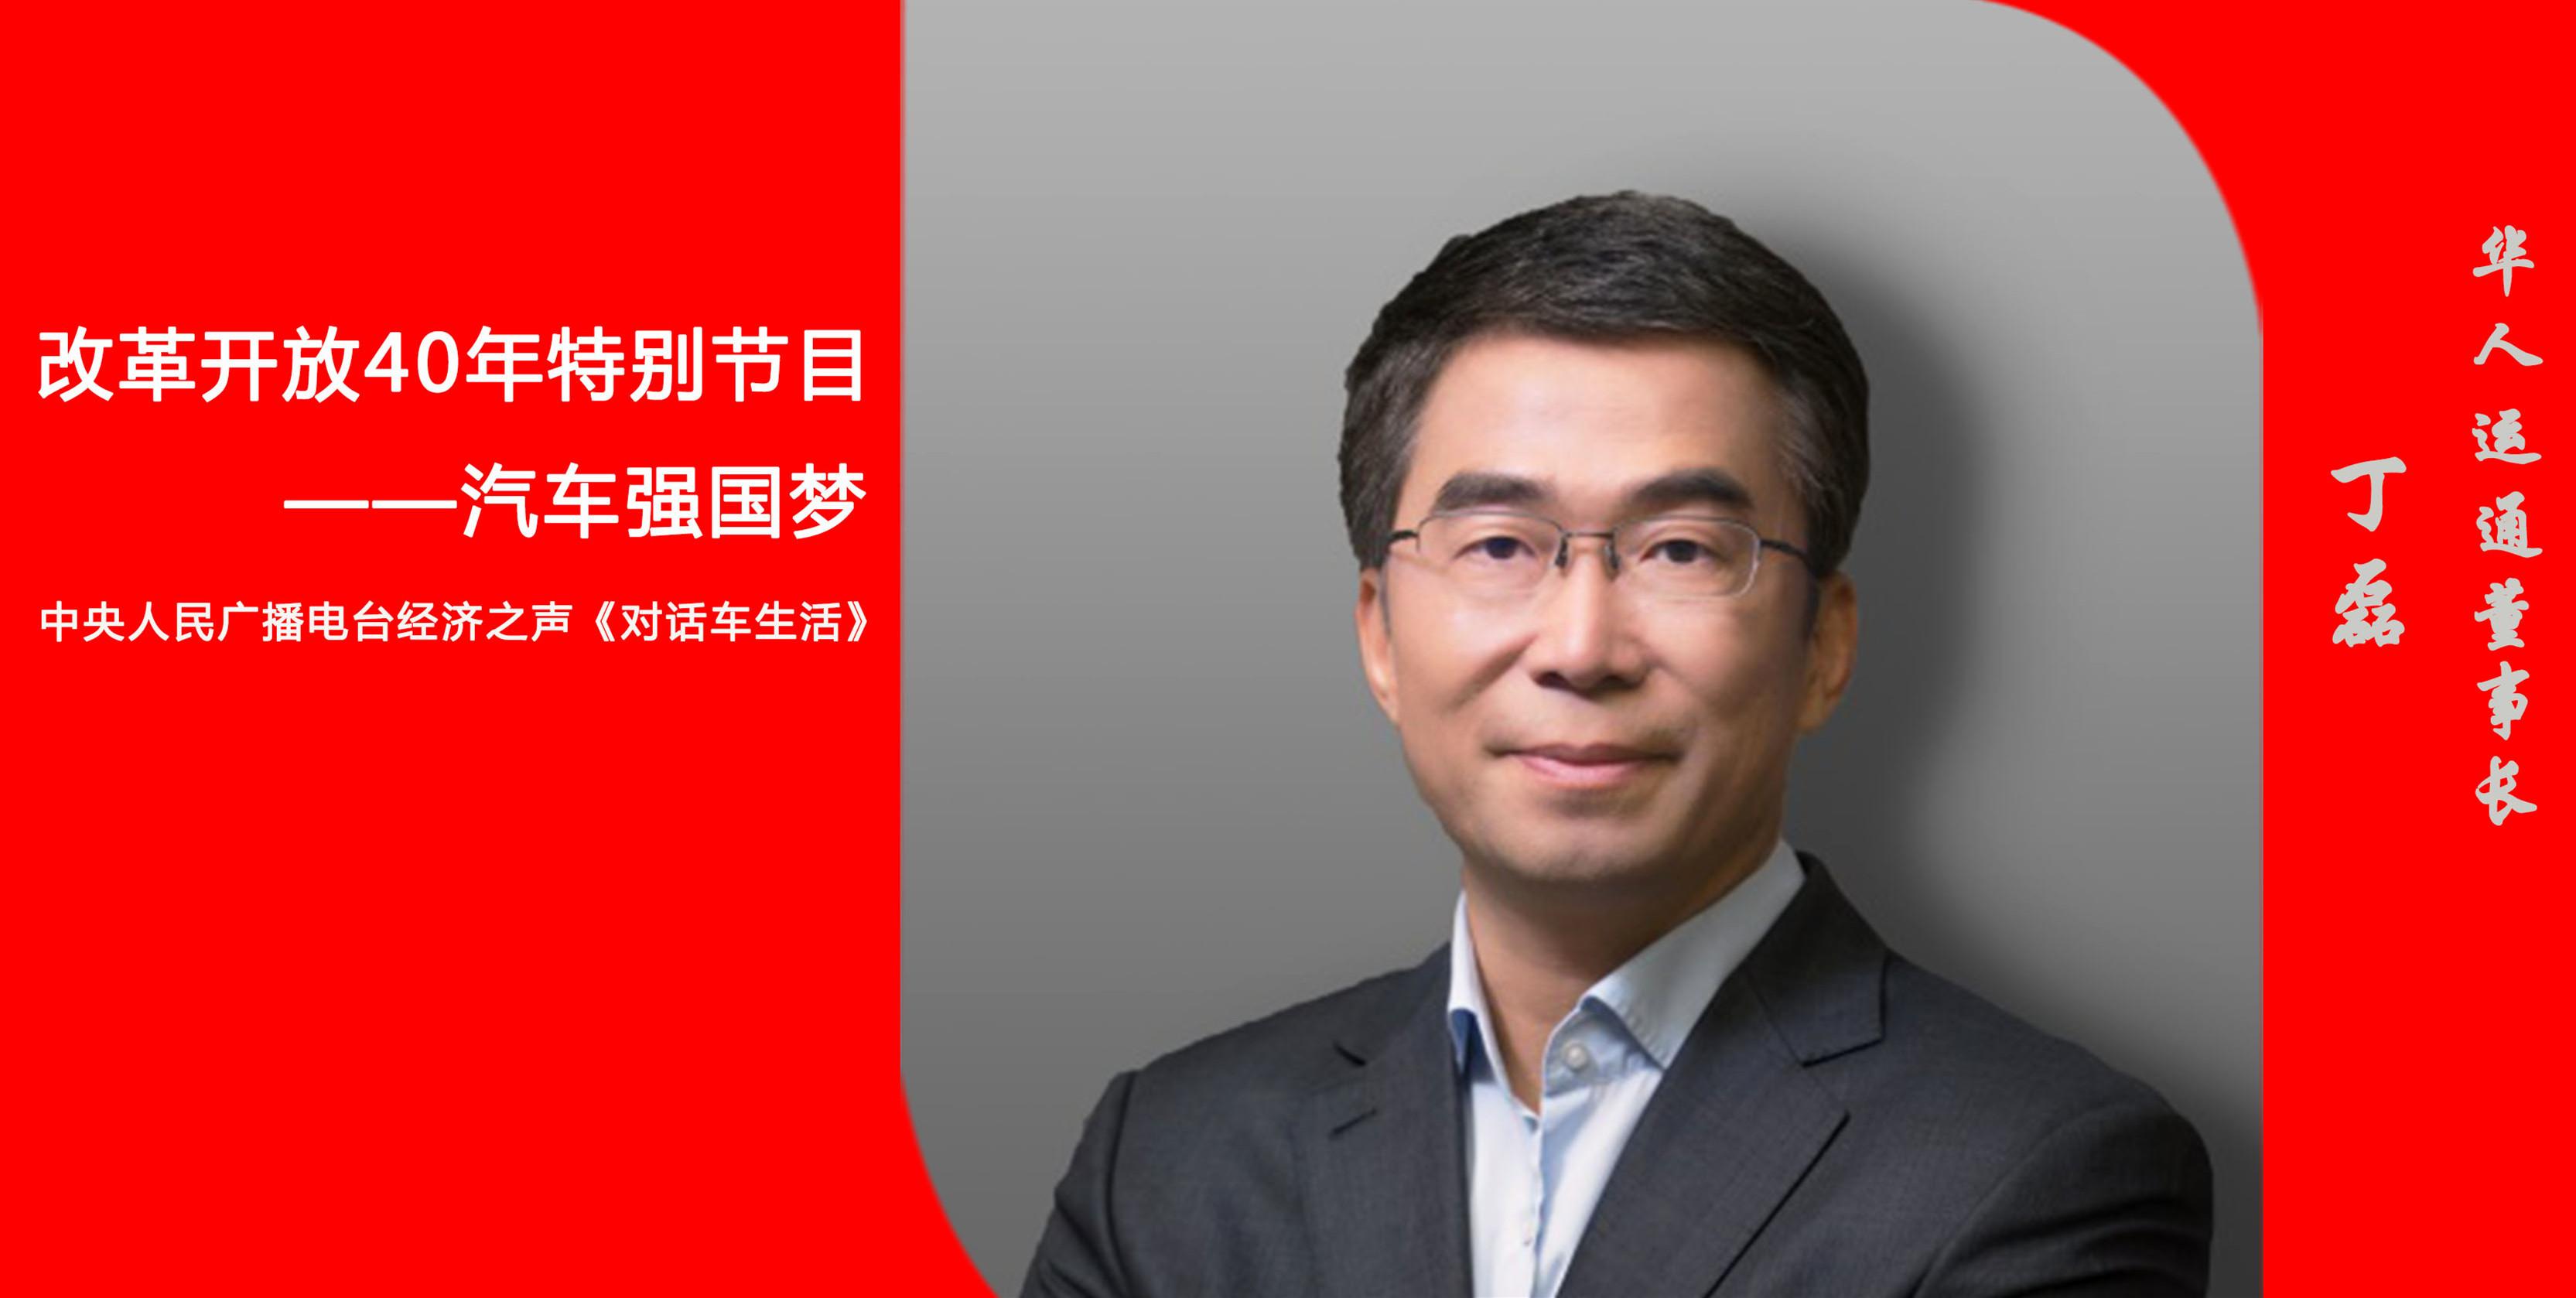 汽车人物专访:华人运通董事长丁磊(一)